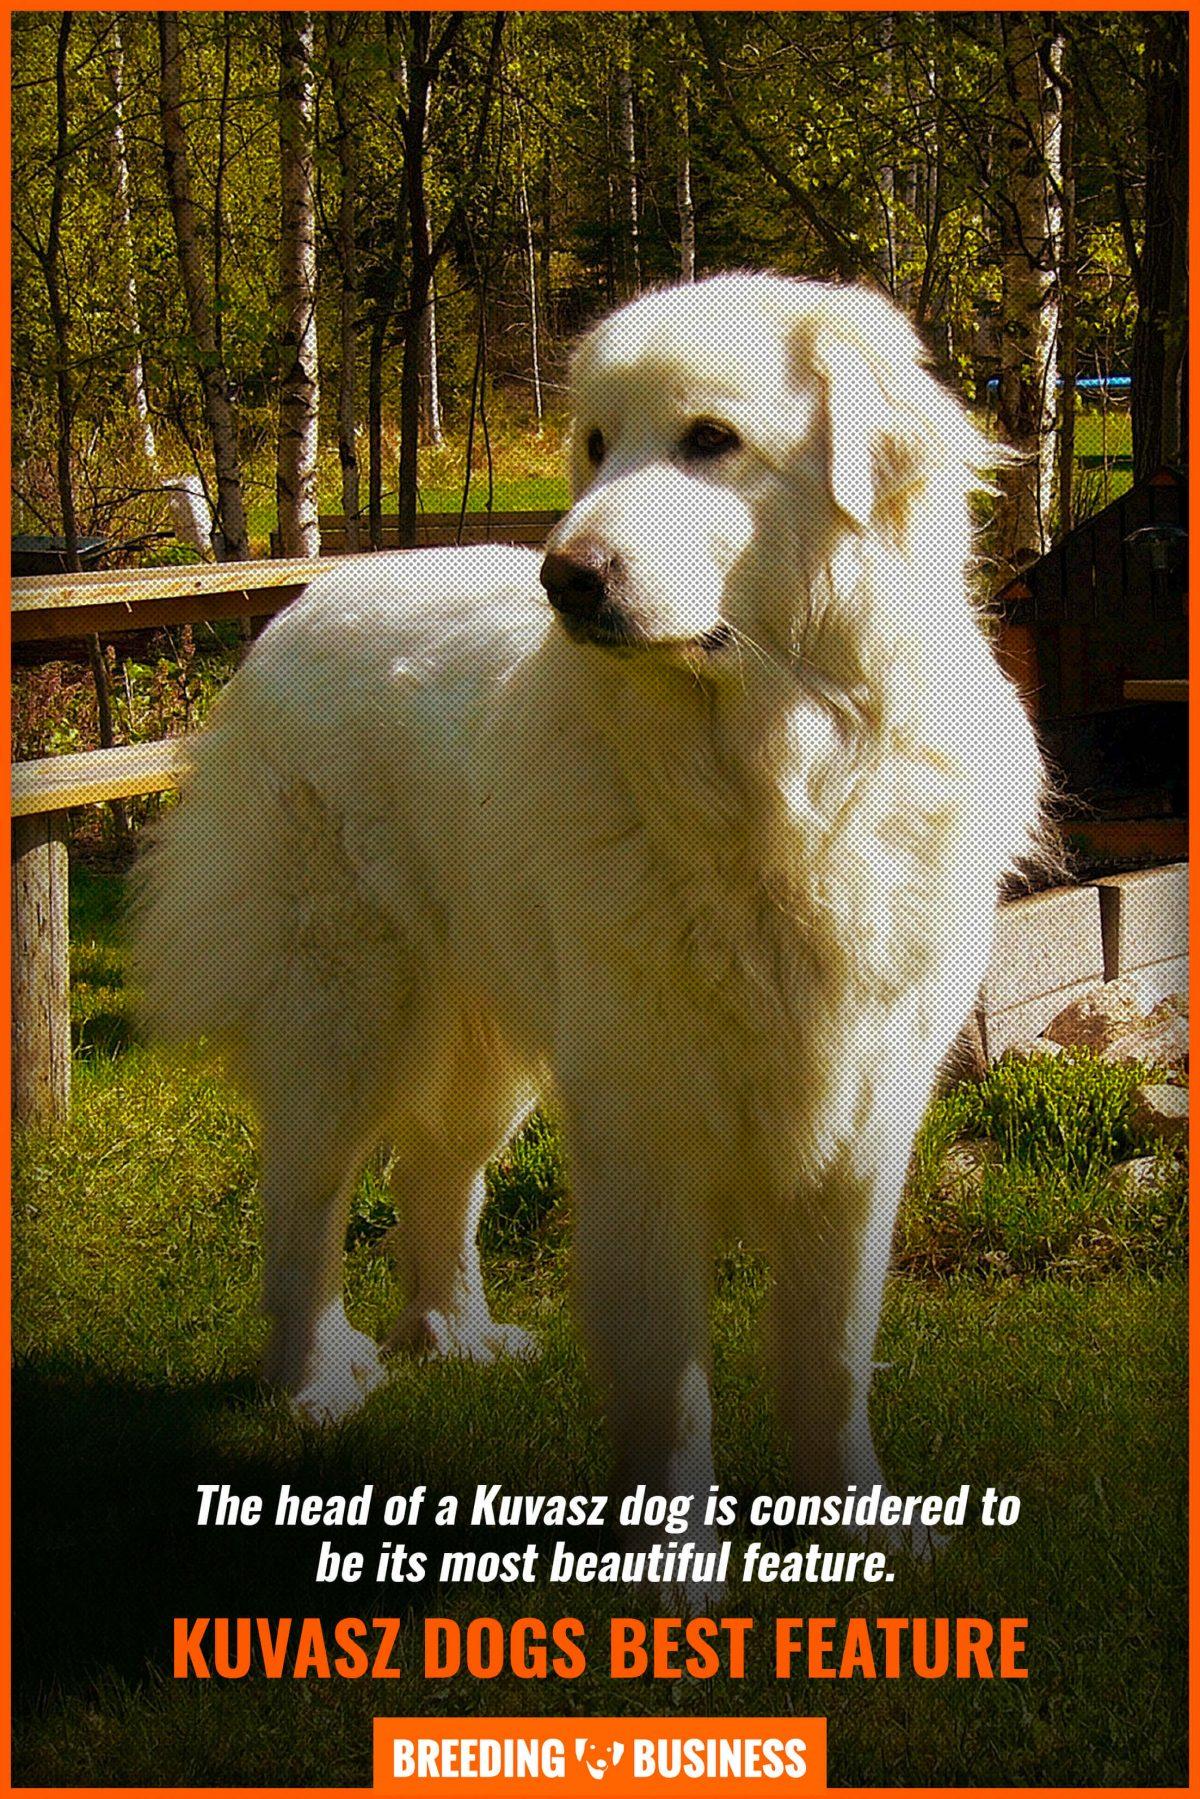 kuvasz dogs best feature